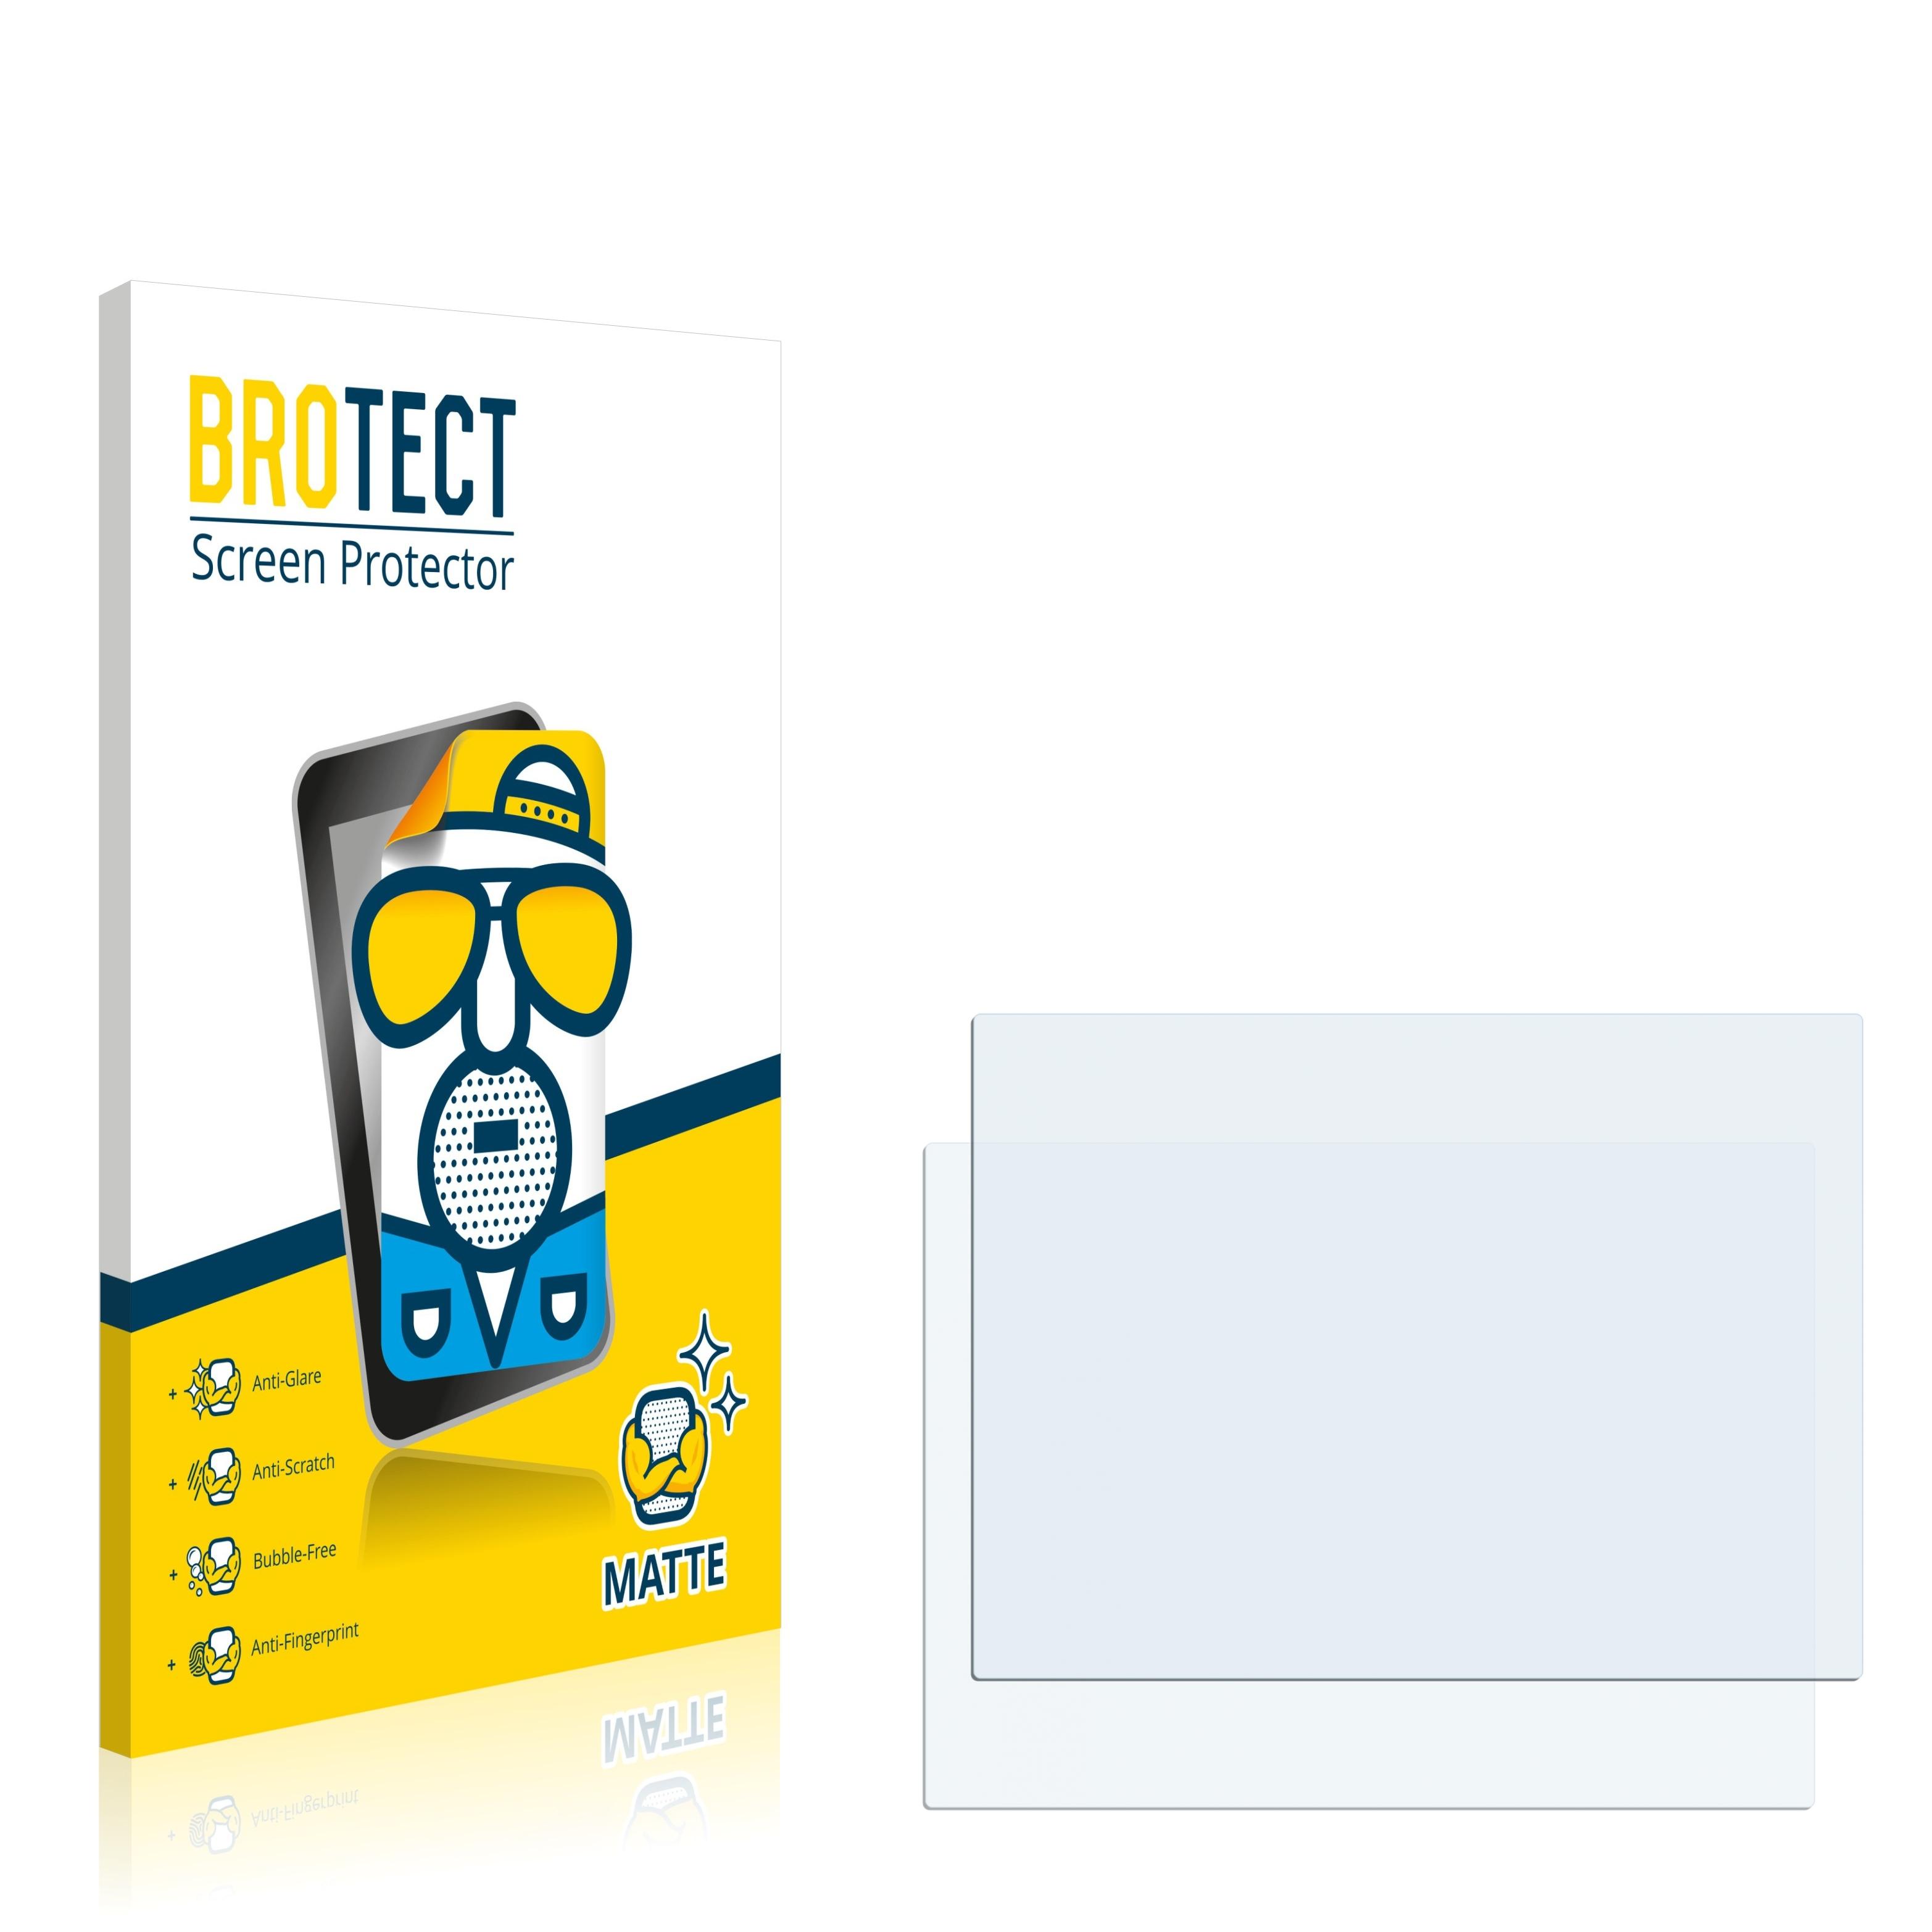 Matná ochranná fólie BROTECT pro ads-tec VMT7012 DVG-VMT7012-011-BY, 2 ks